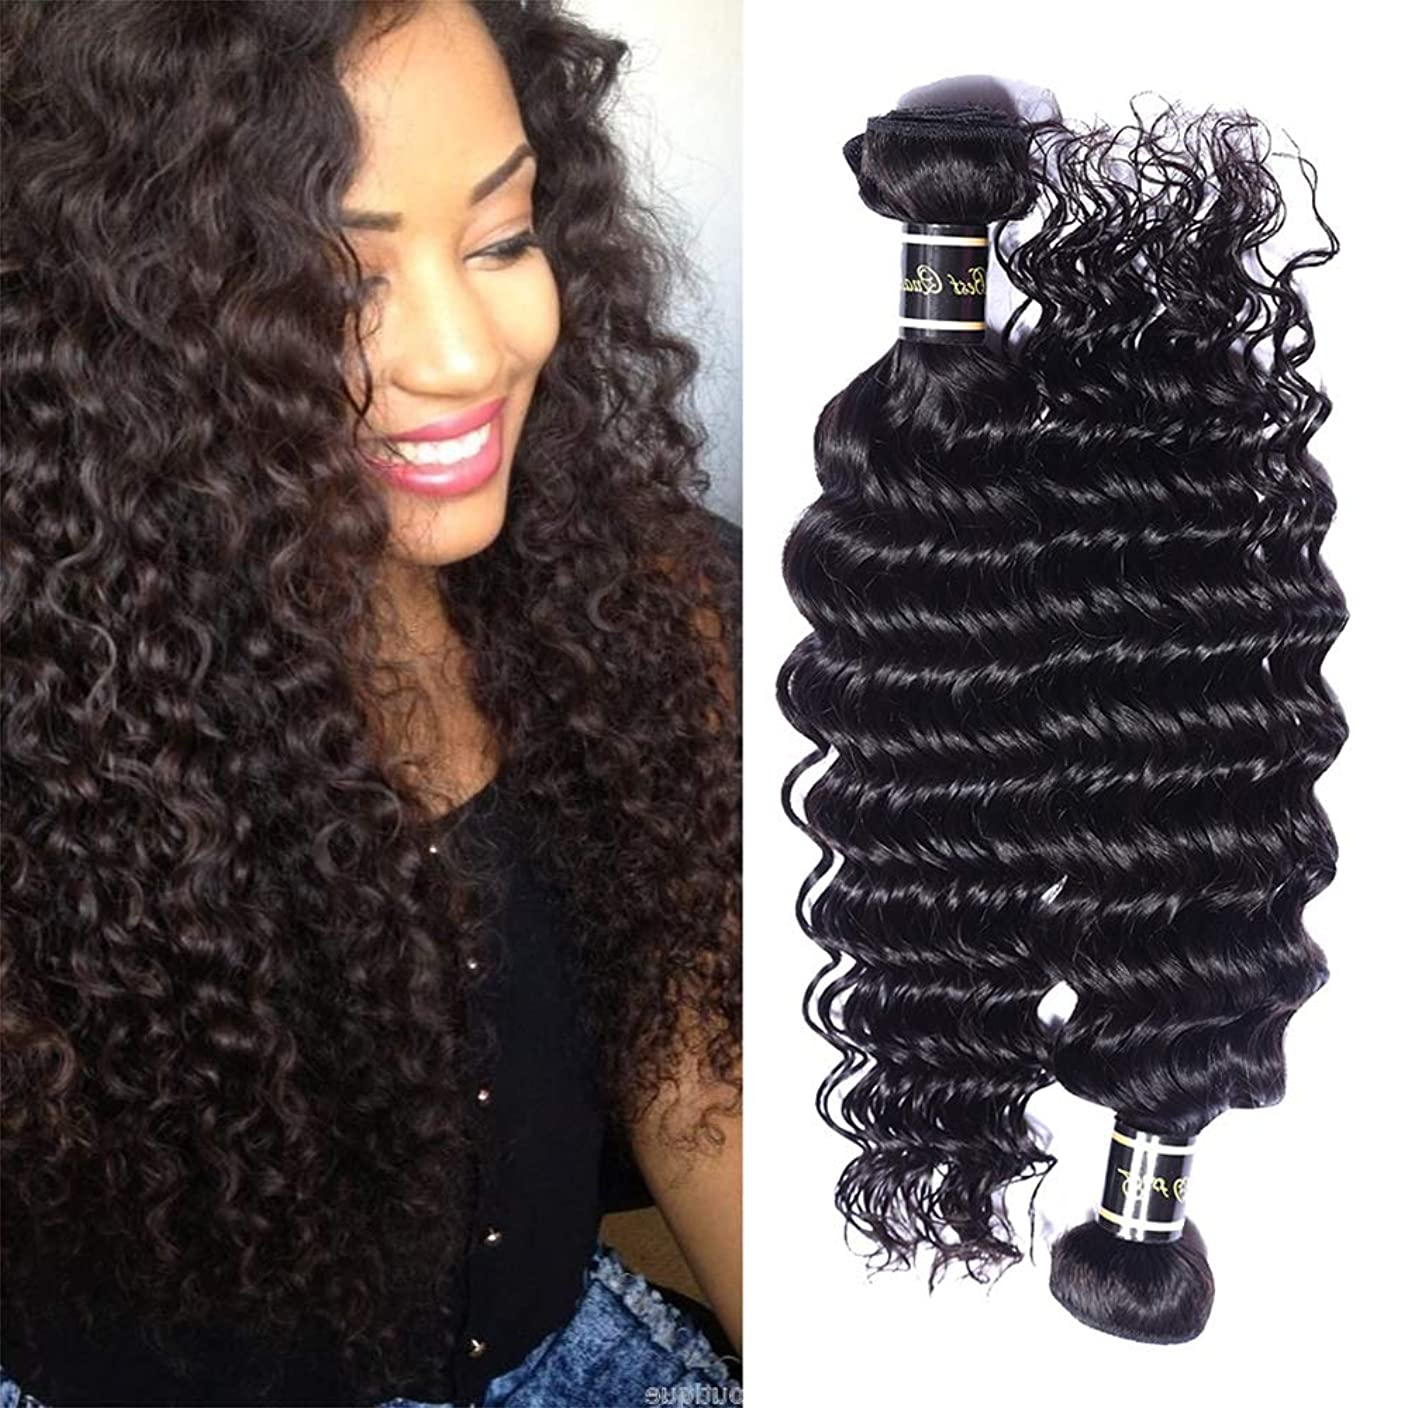 磁気器官バンガロー女性の髪織りブラジルのロングボディウェーブヘアバンドル波状ヘアエクステンション縫う100%人毛織り100g /バンドル